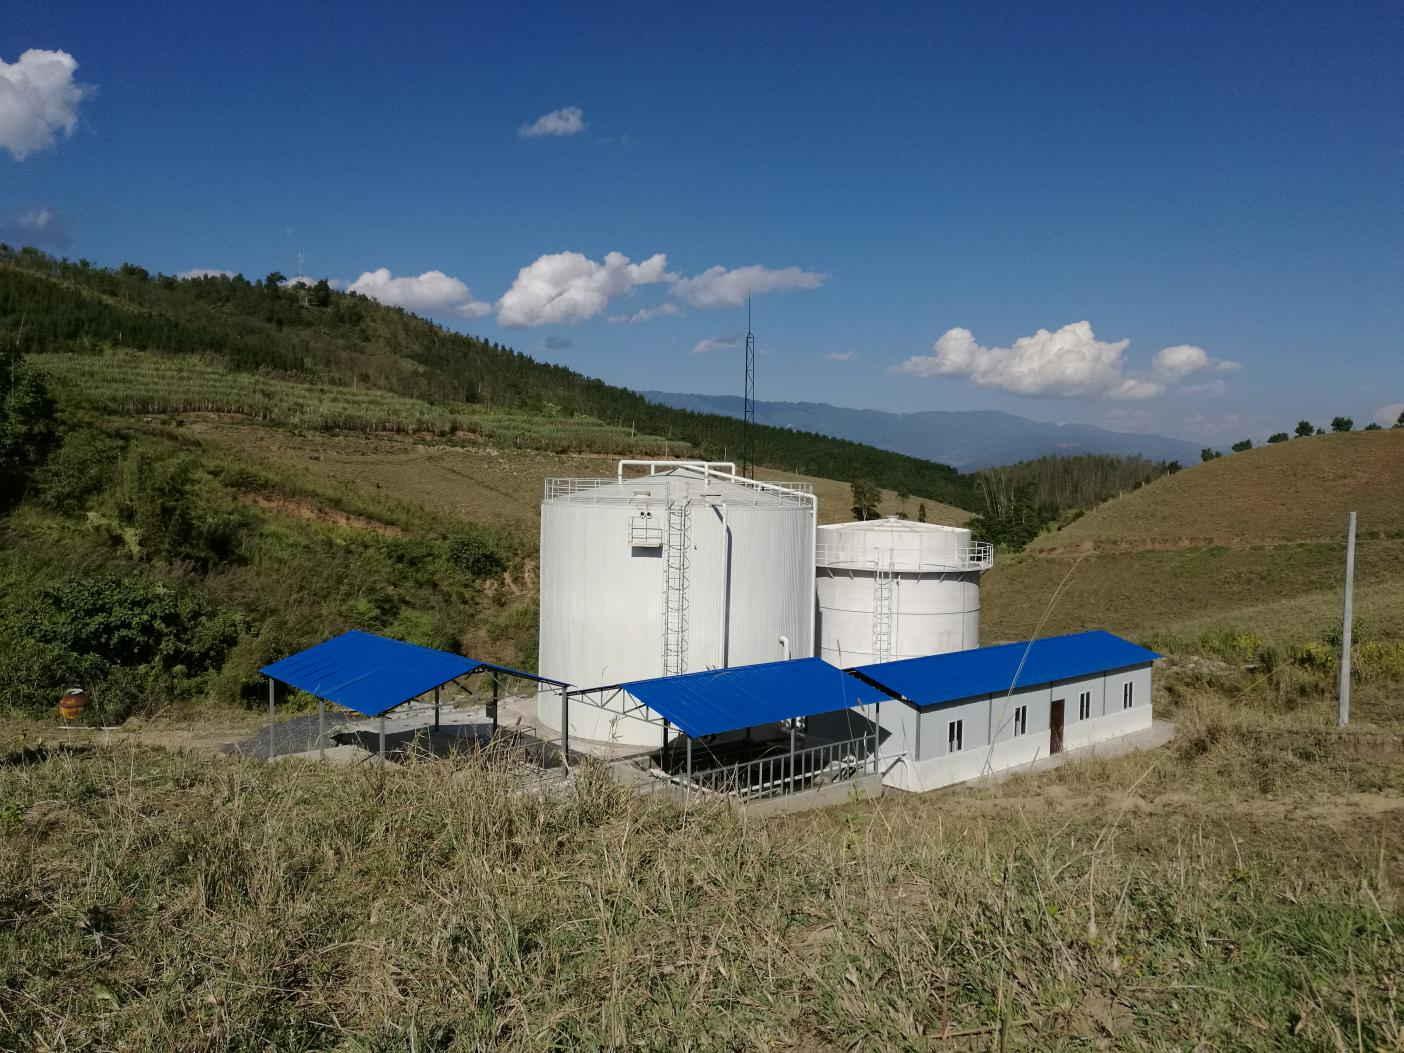 云南德宏州彩云琵琶食品有限公司大中型沼气工程